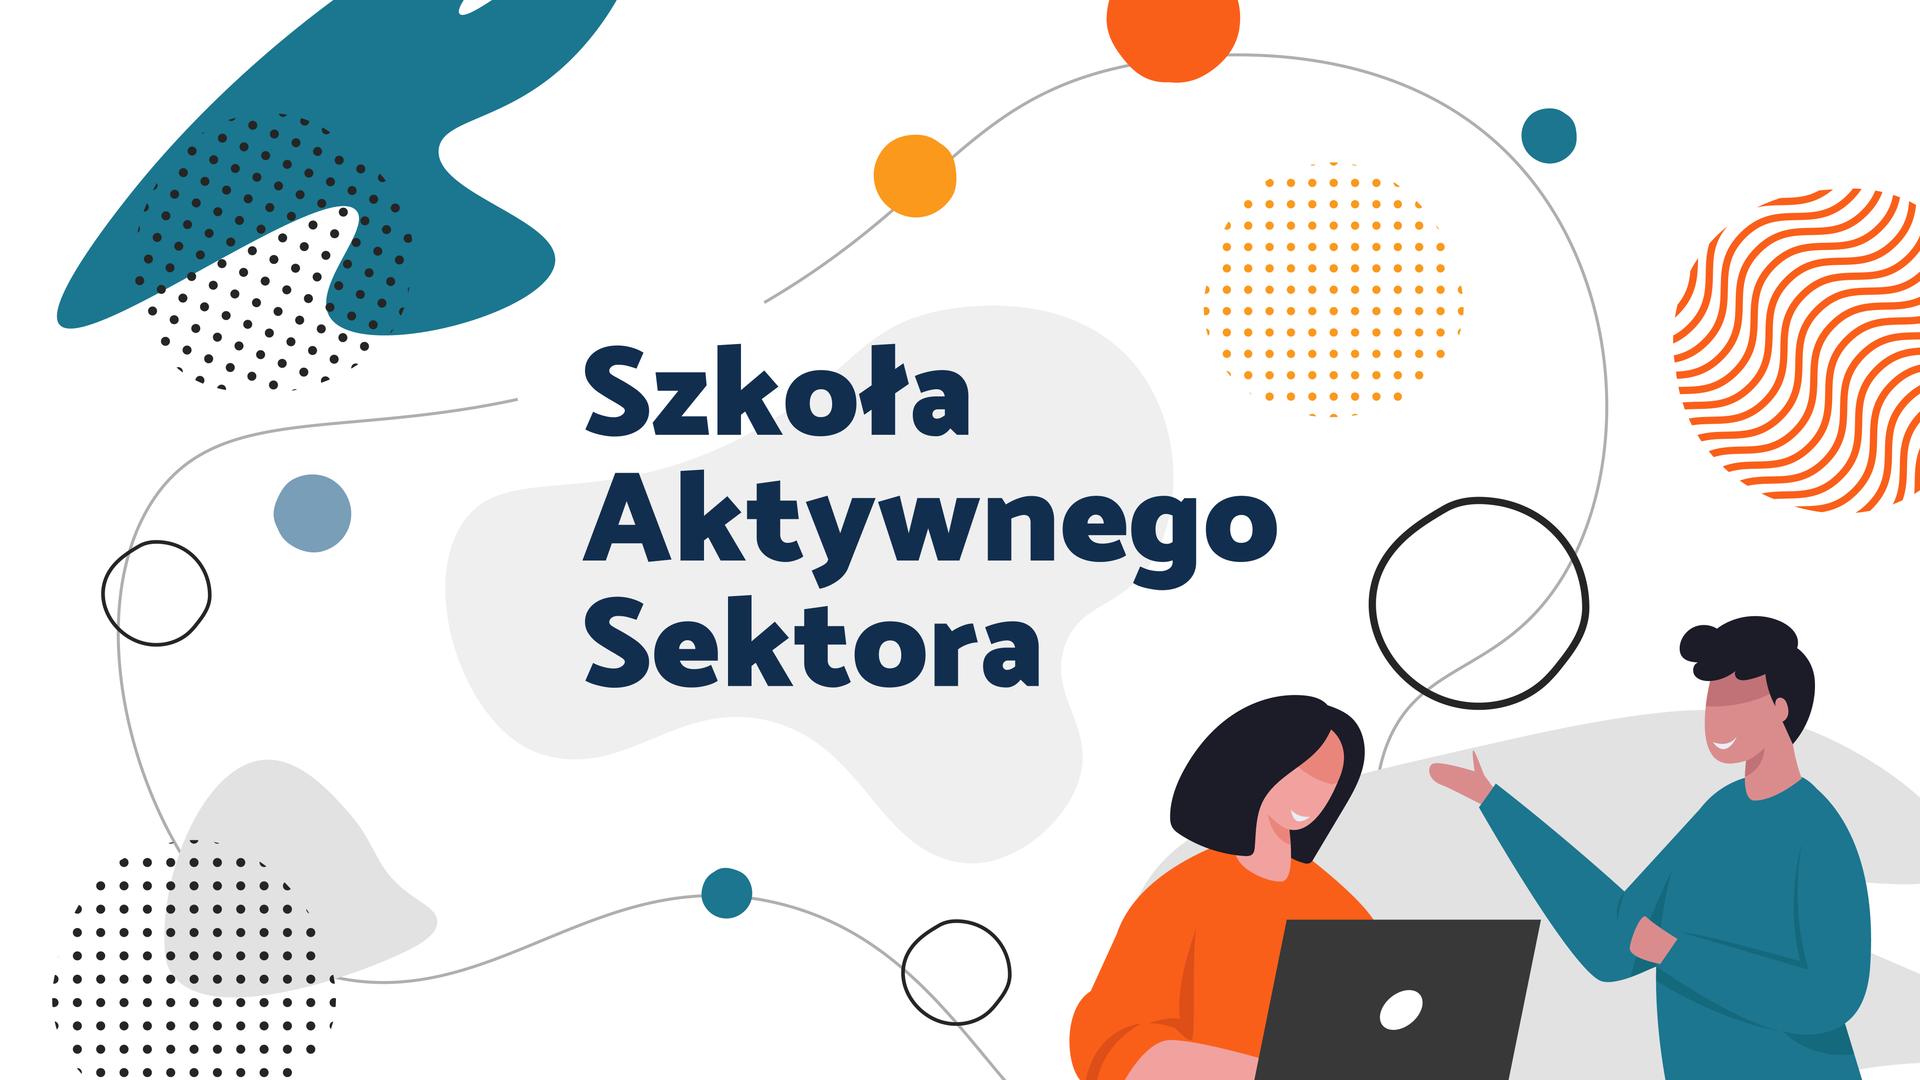 Szkoła Aktywnego Sektora. Program rozwoju organizacji i budowania sieci współpracy